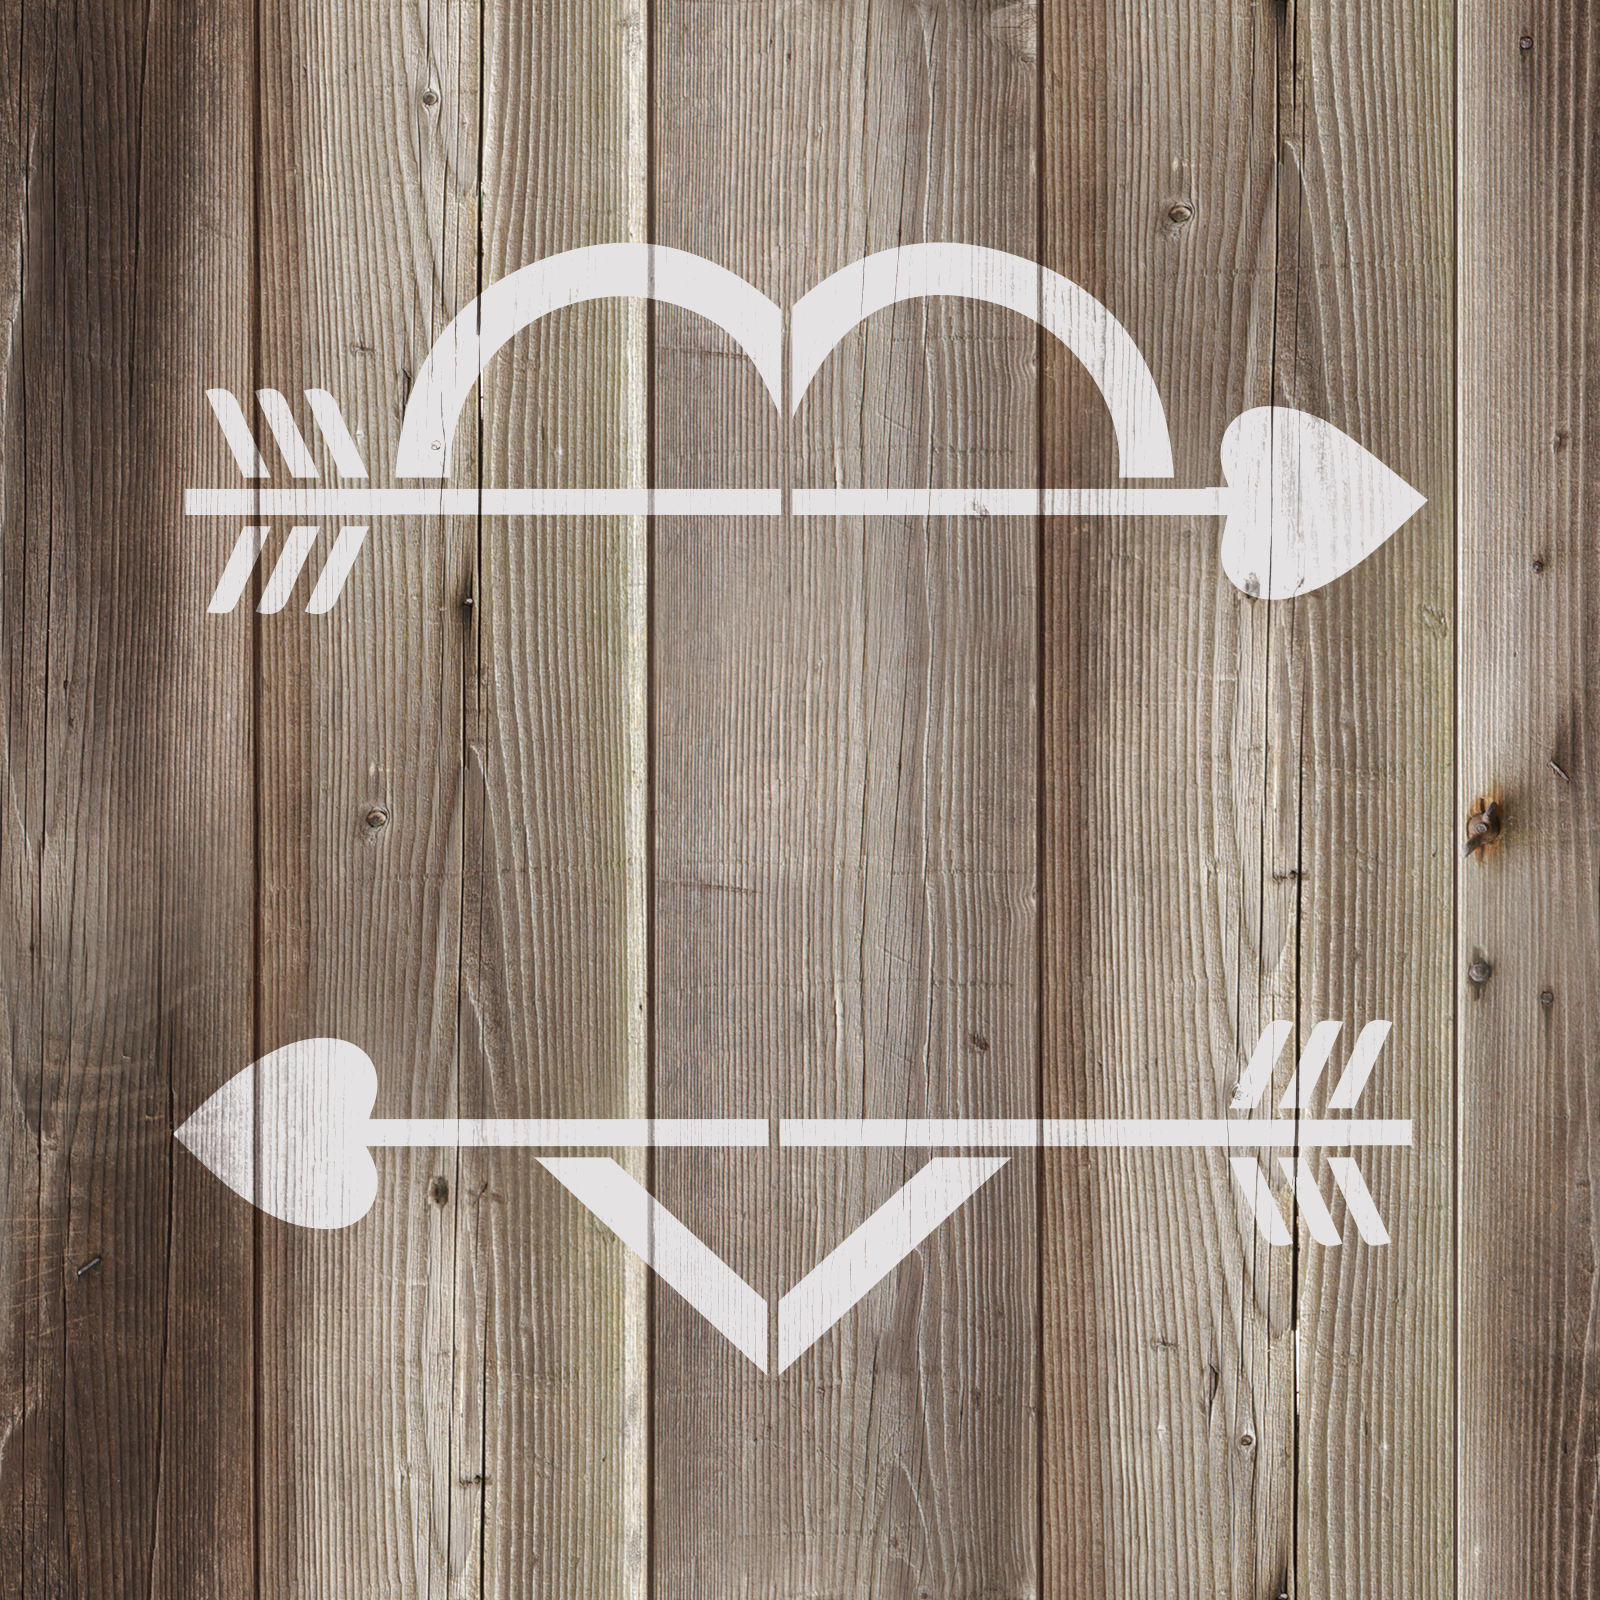 Arrow Heart Stencil - Reusable Stencils of Arrow Heart in Multiple Sizes